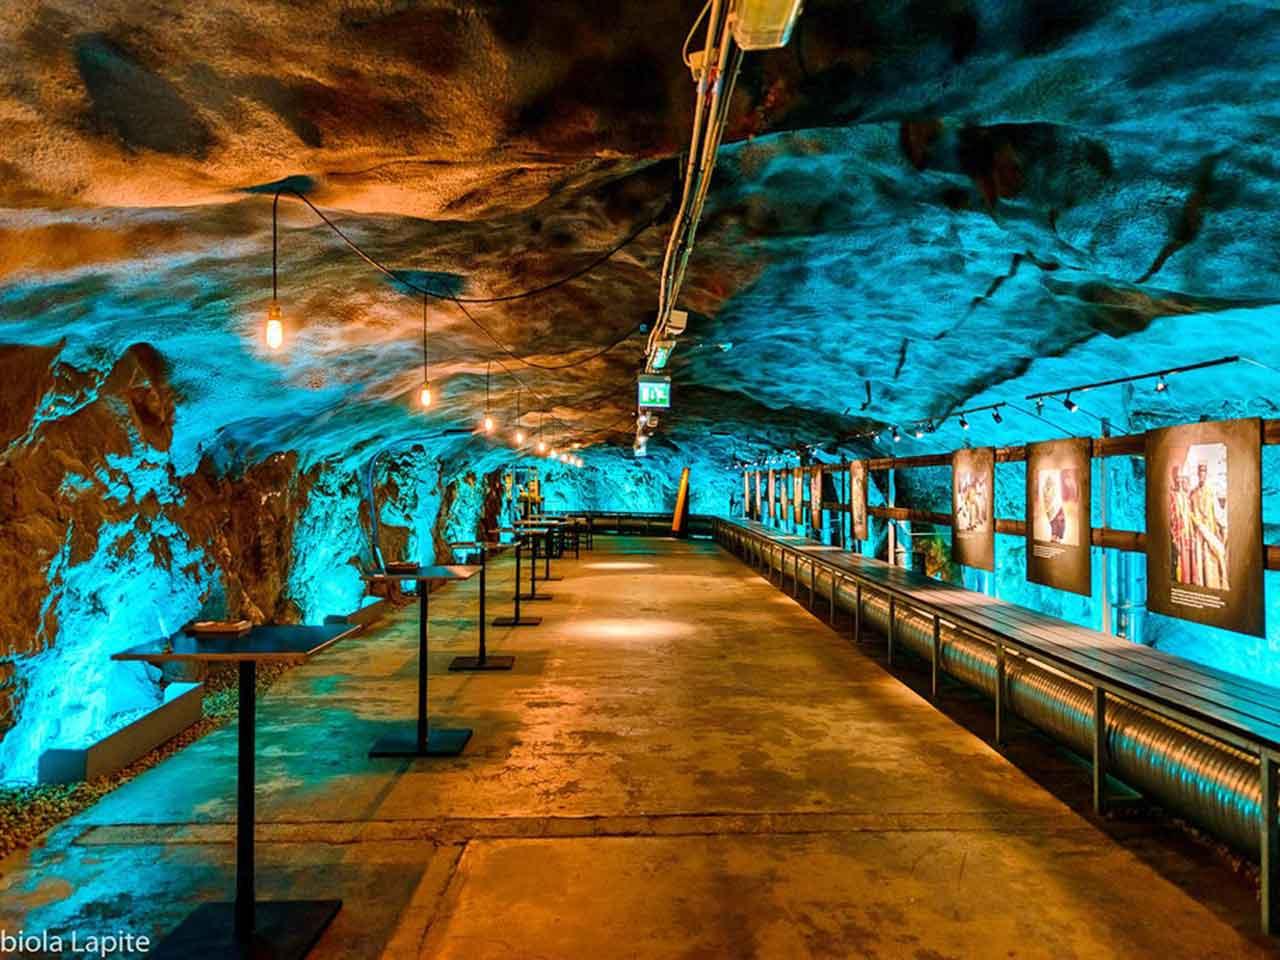 Bergrummet - Festlokal i bergrum - Skeppsholmen